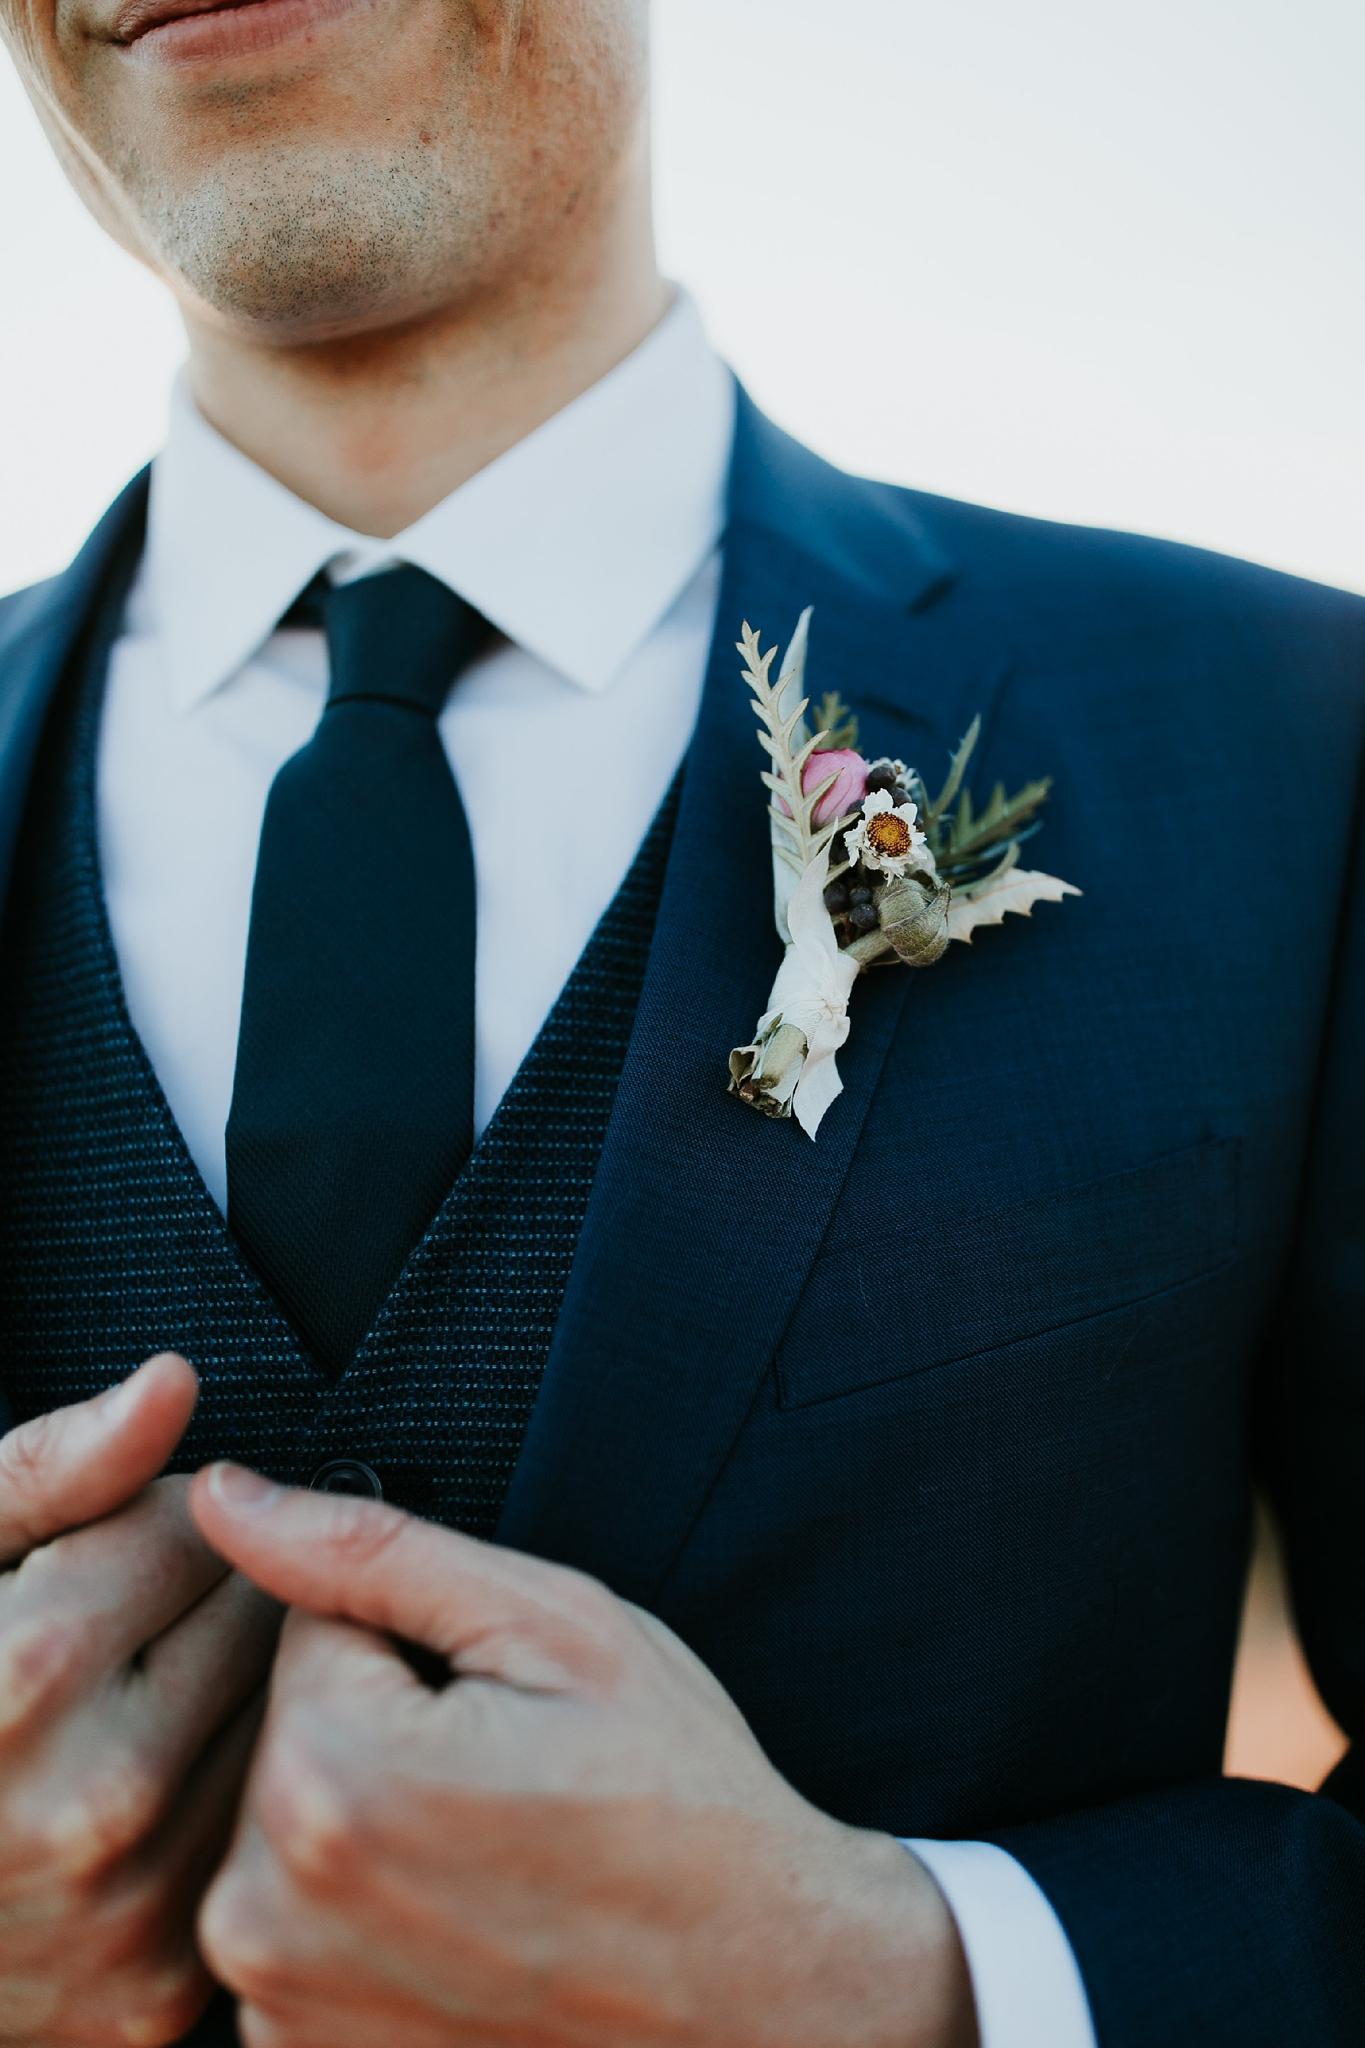 Alicia+lucia+photography+-+albuquerque+wedding+photographer+-+santa+fe+wedding+photography+-+new+mexico+wedding+photographer+-+new+mexico+wedding+-+new+mexico+florist+-+floriography+flowers+-+floriography+flowers+new+mexico+-+wedding+florist_0059.jpg